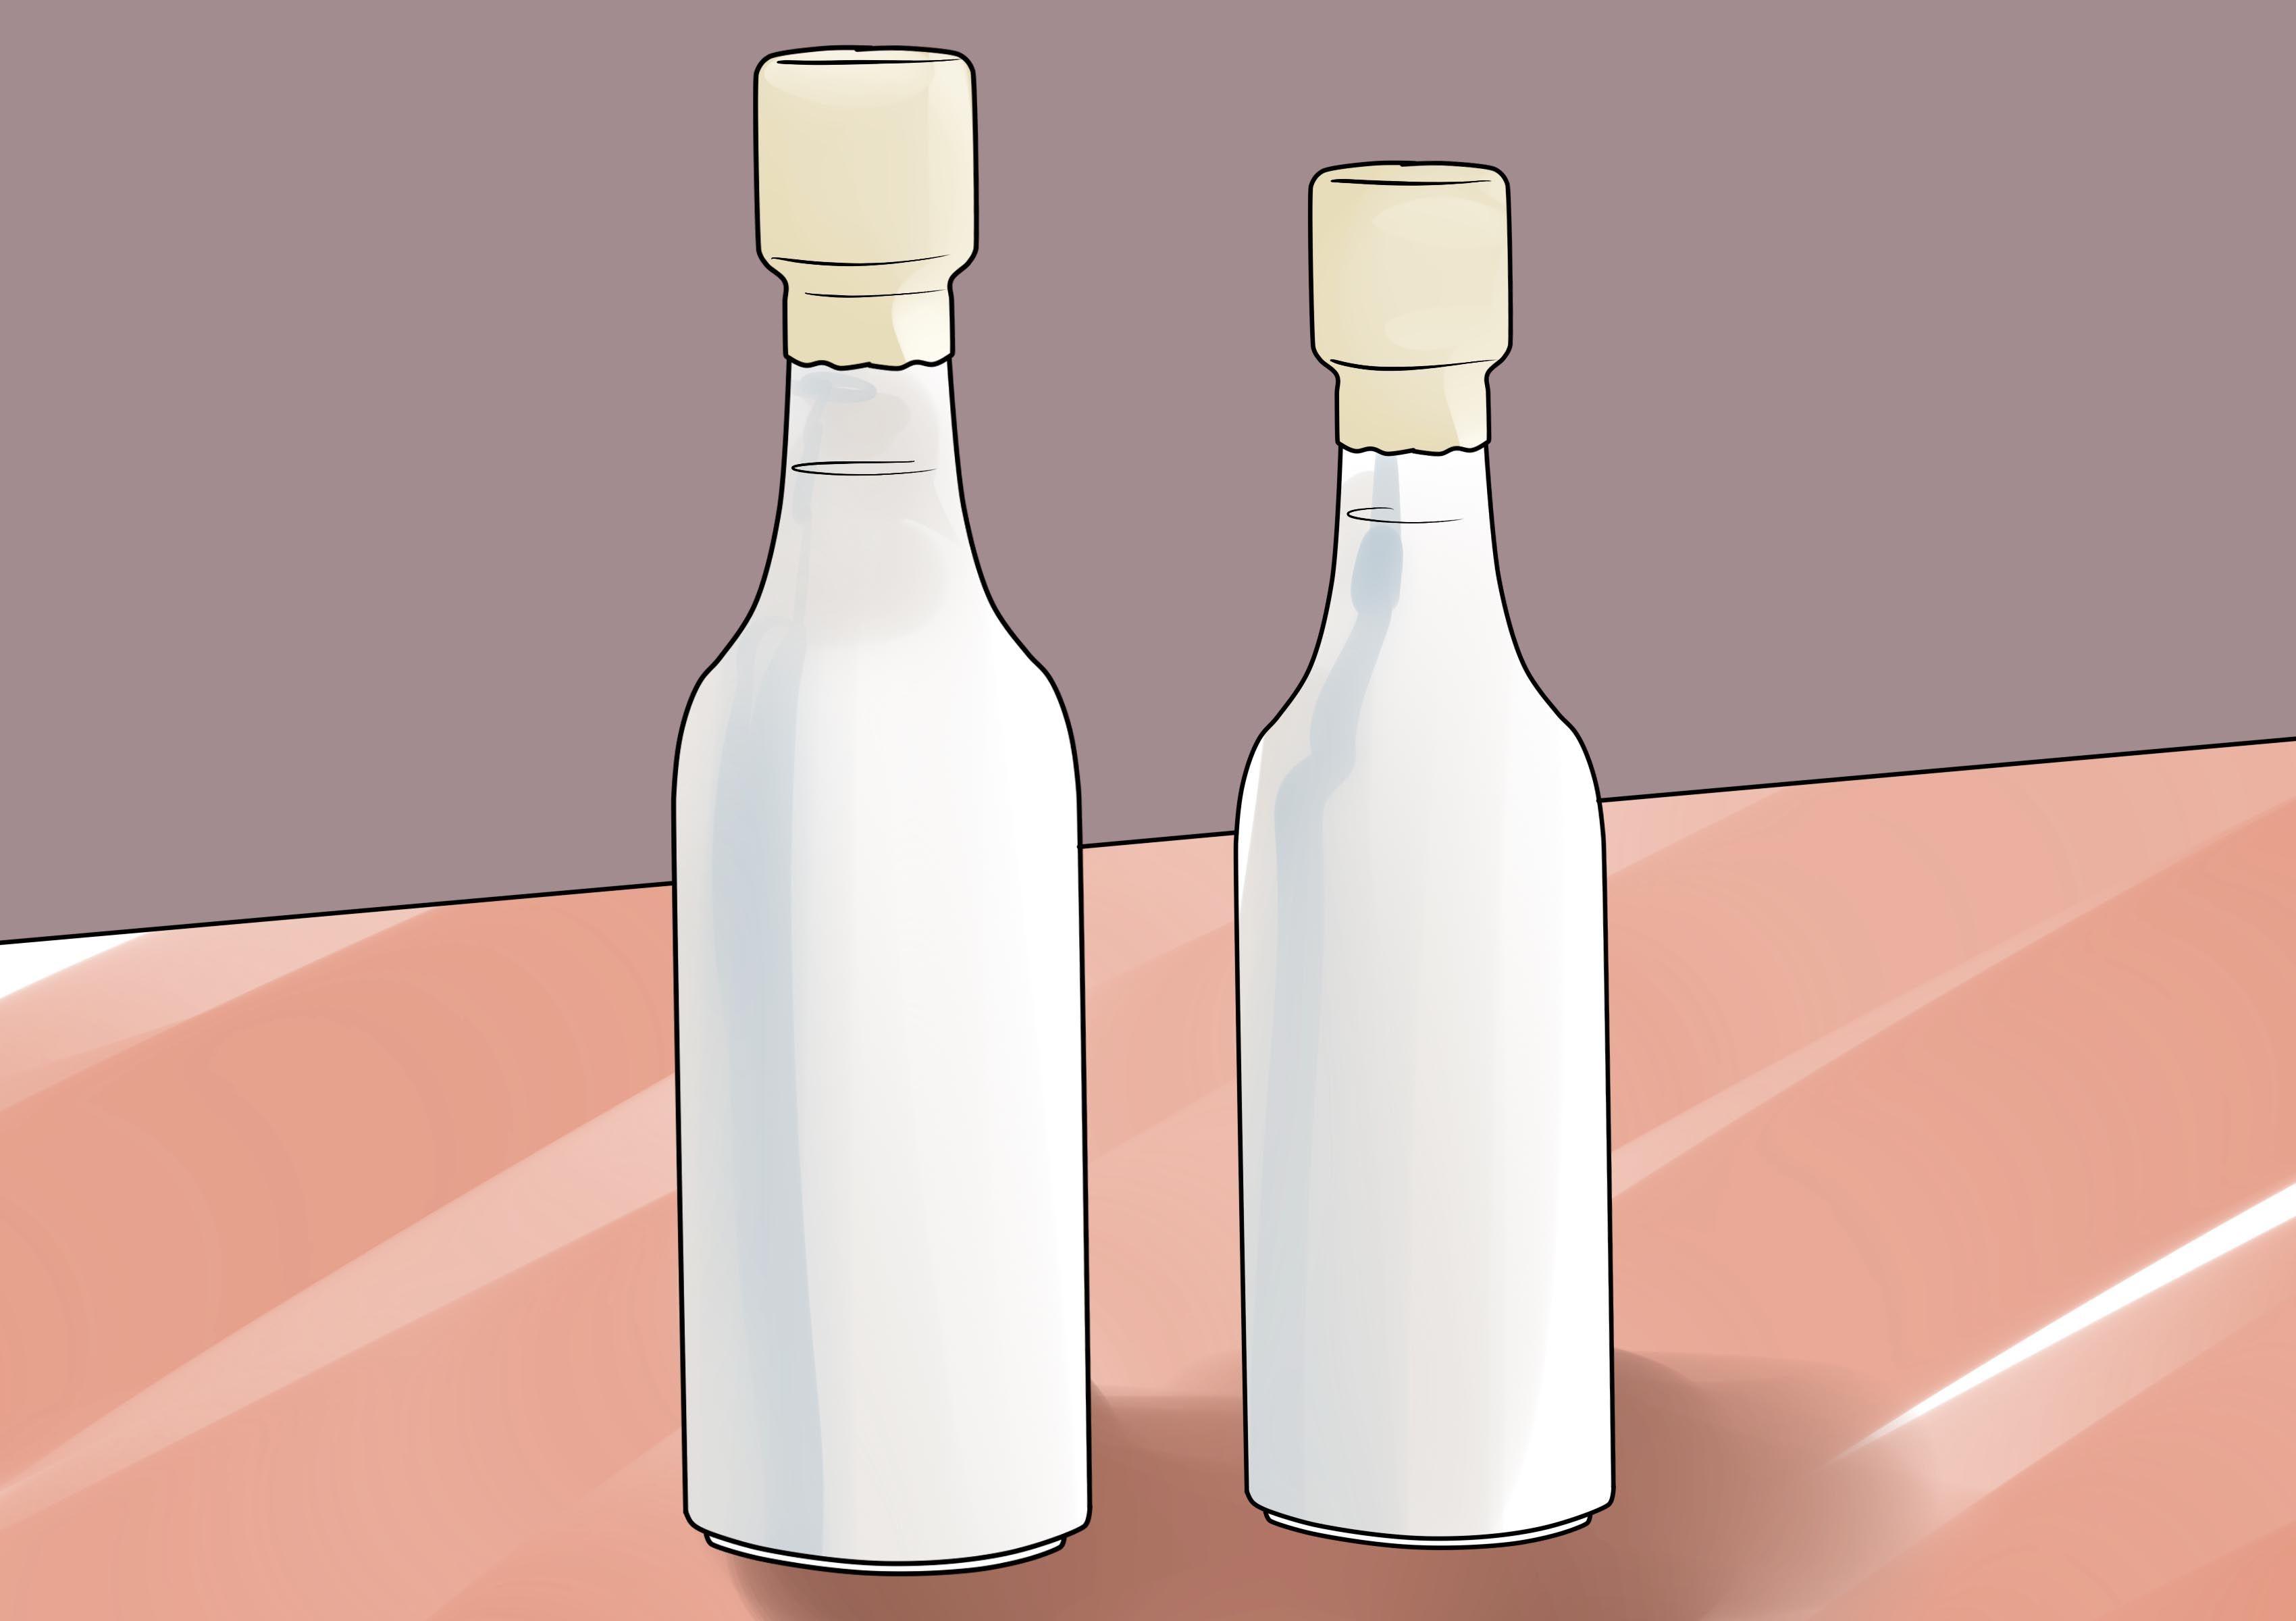 Frascos de vidro permitem que você armazene de forma limpa produtos secos, molhados ou não perecíveis em um lugar fresco e seco. O método de conservação de alimentos em potes de vidro é provavelmente a maneira mais comum para selar frascos ...